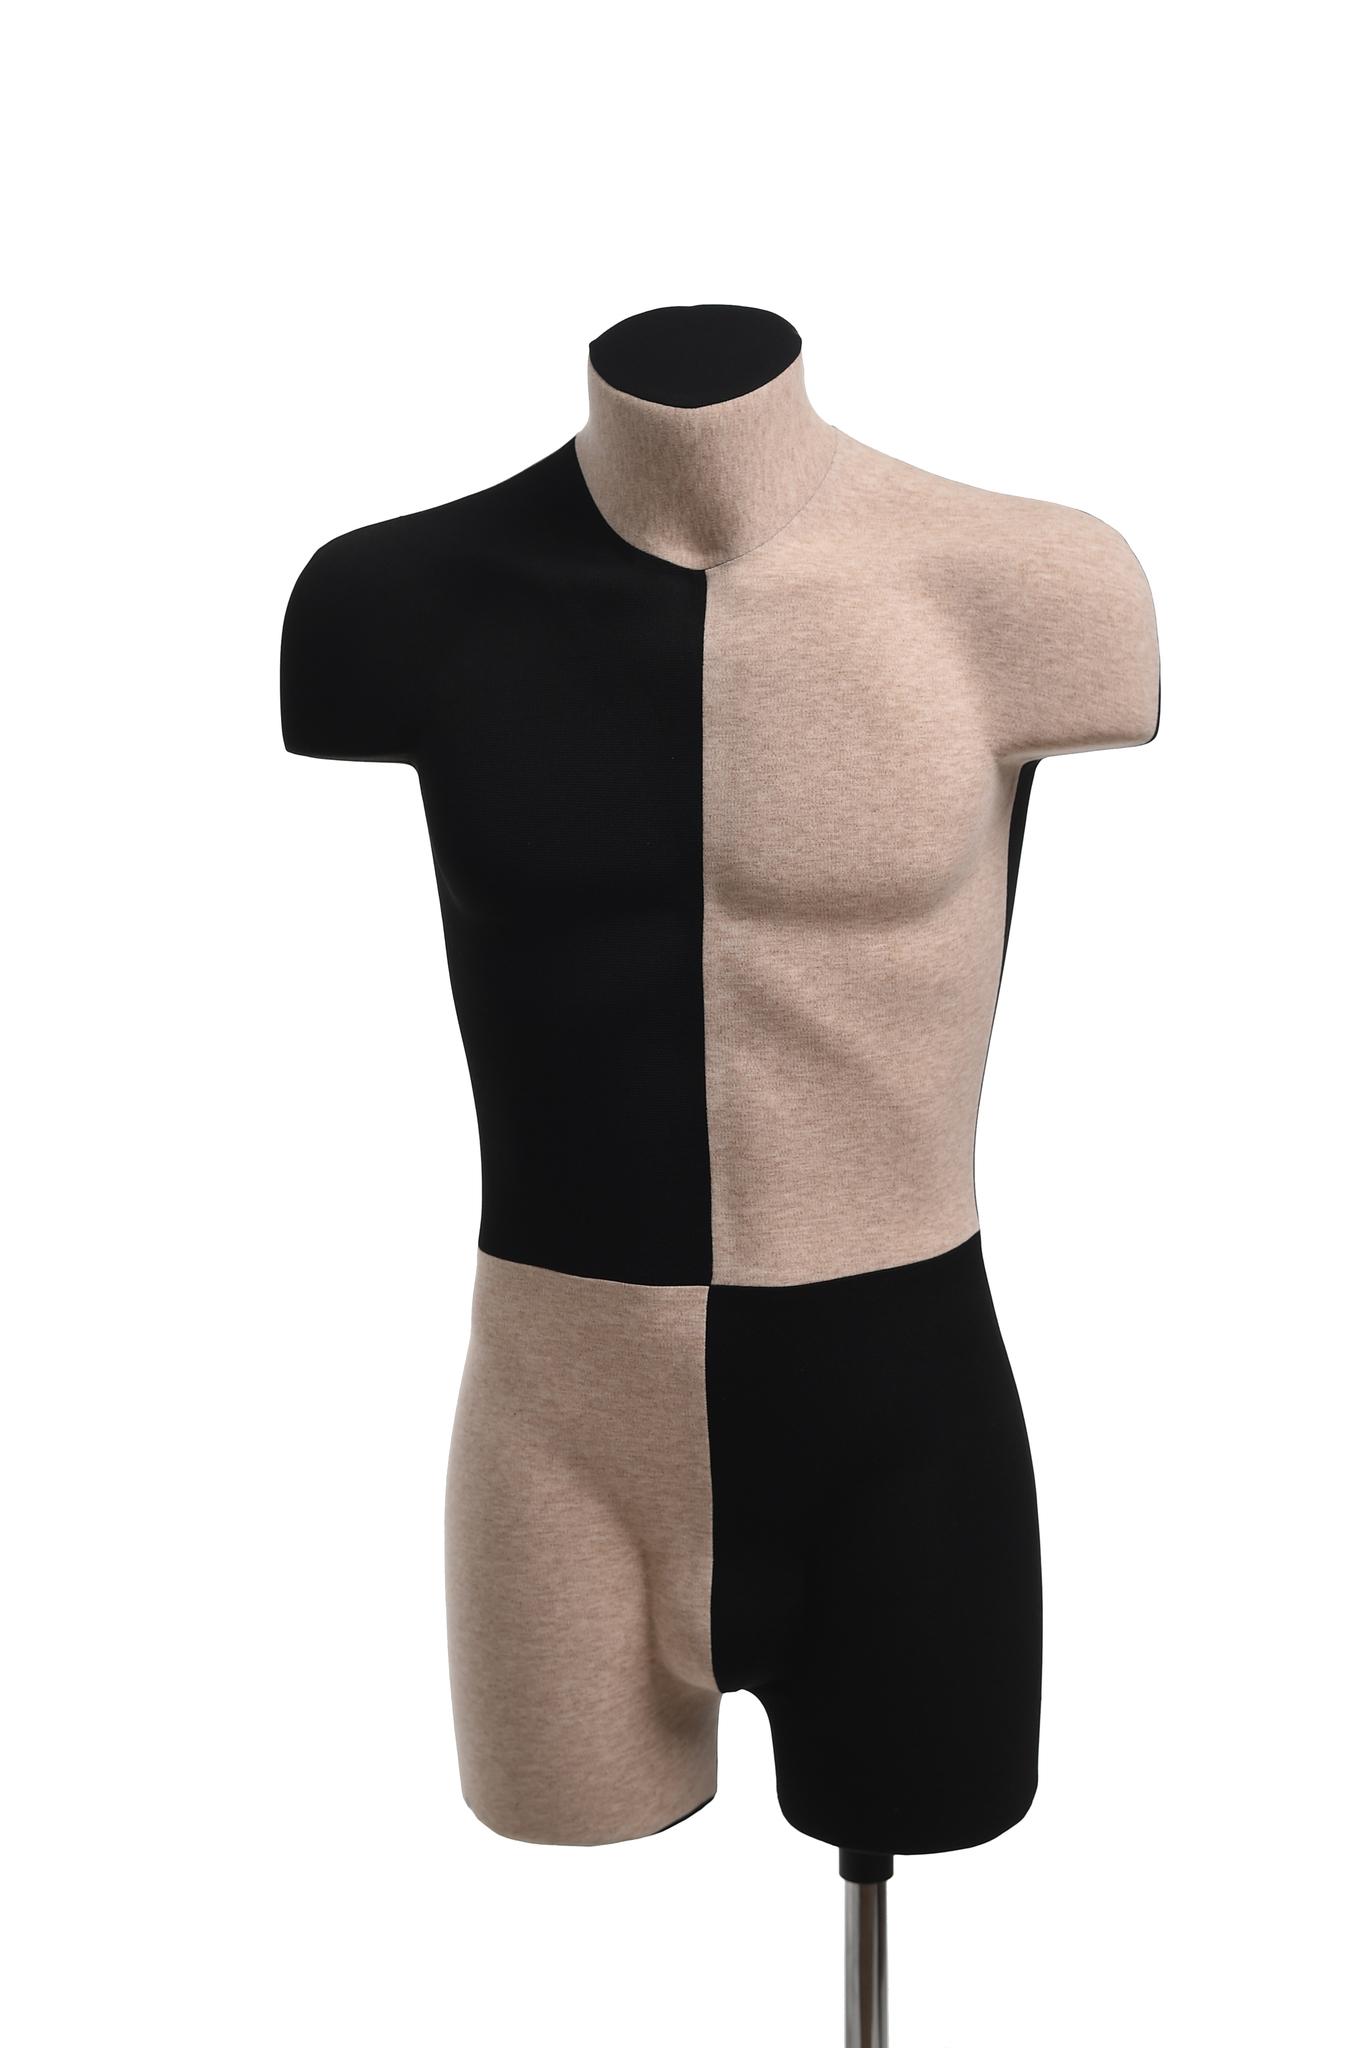 Демонстрационный мужской манекен 48 размер (домино)